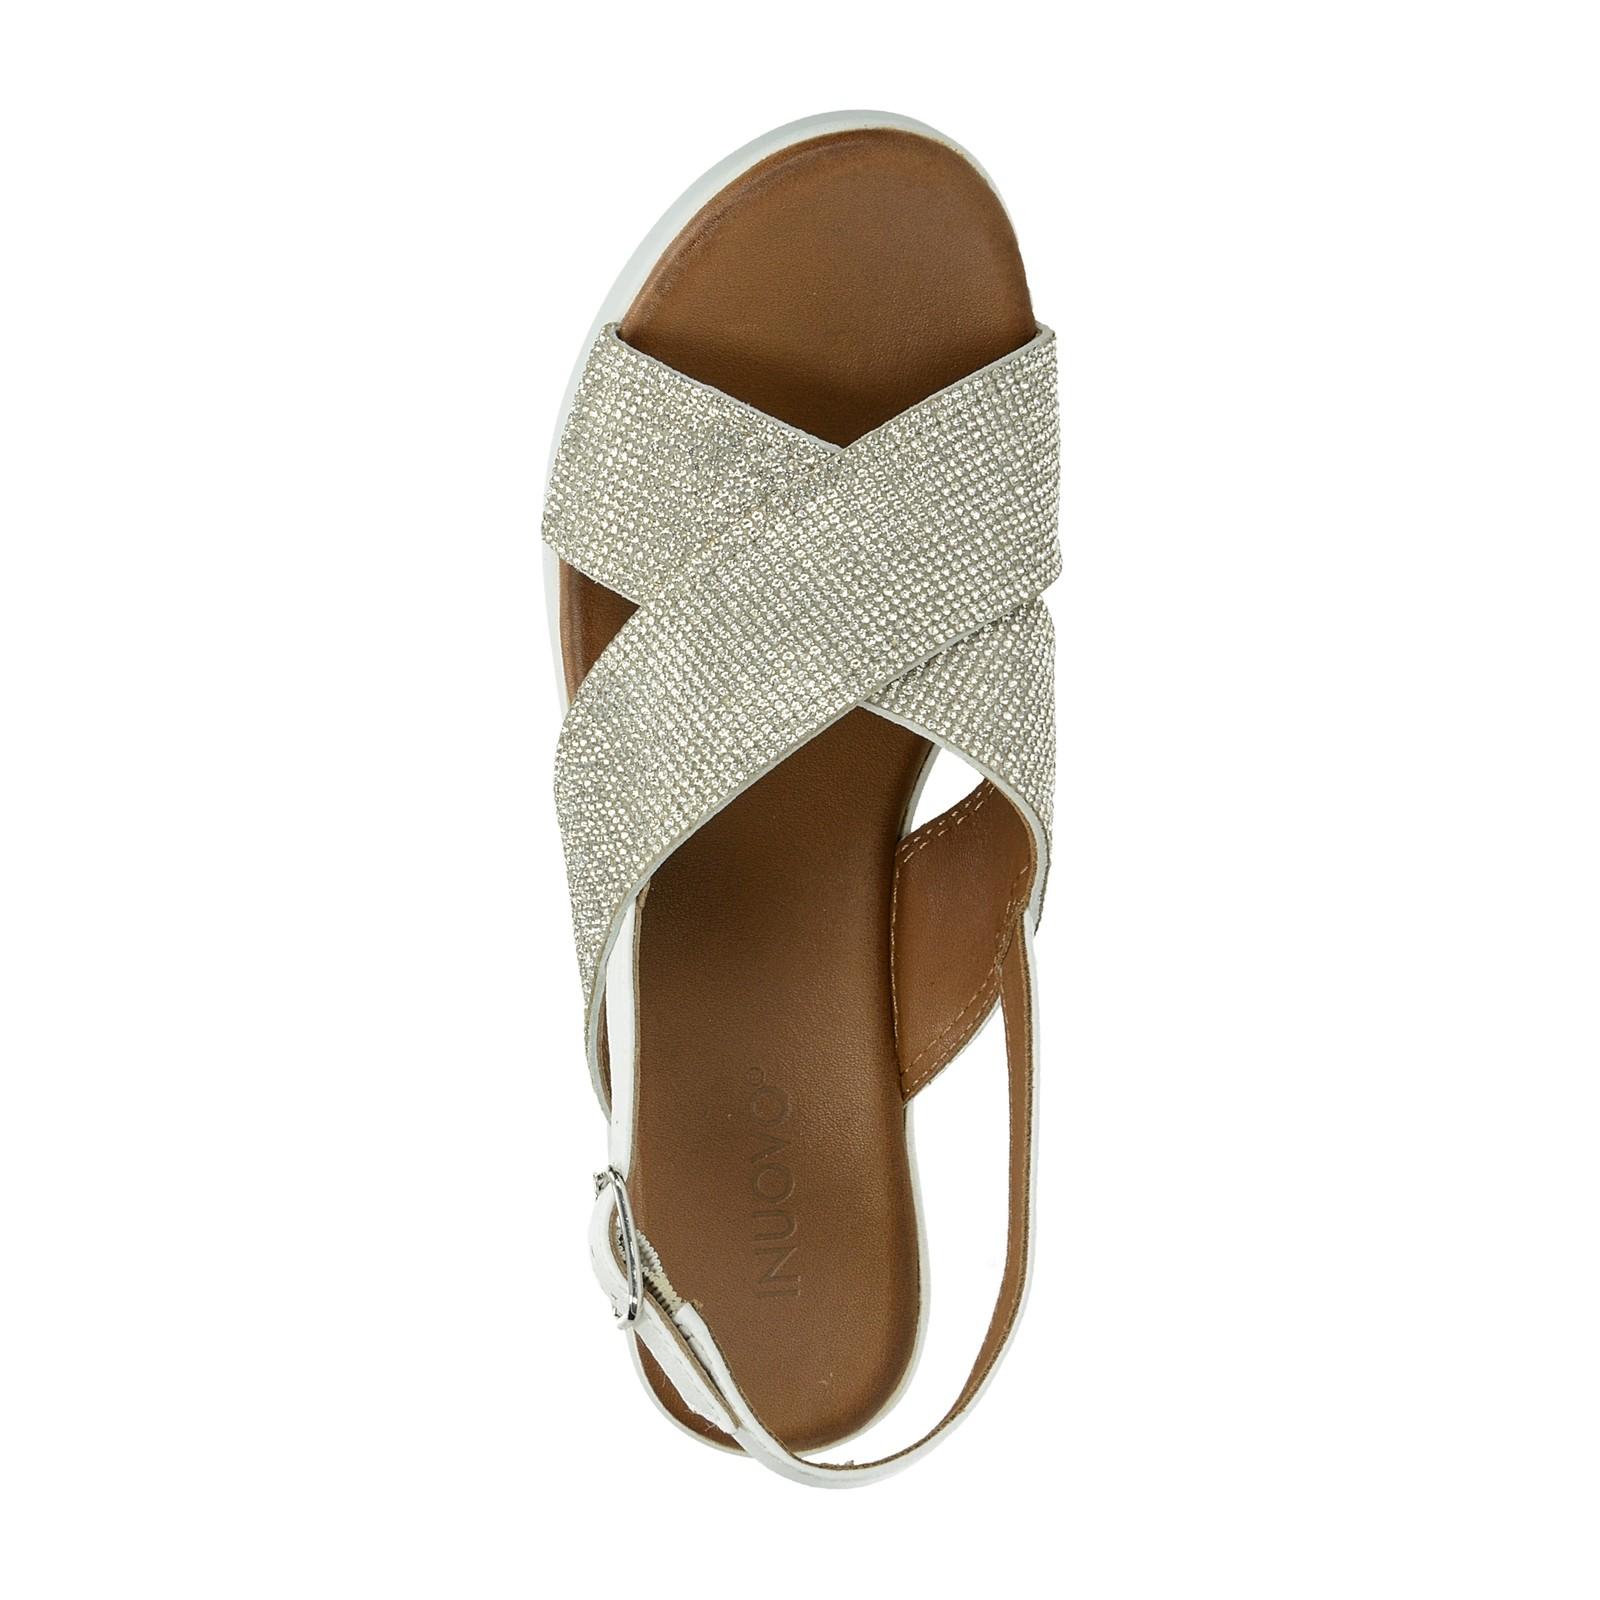 Inuovo dámské elegantní sandály na klinové podrážce - bílé